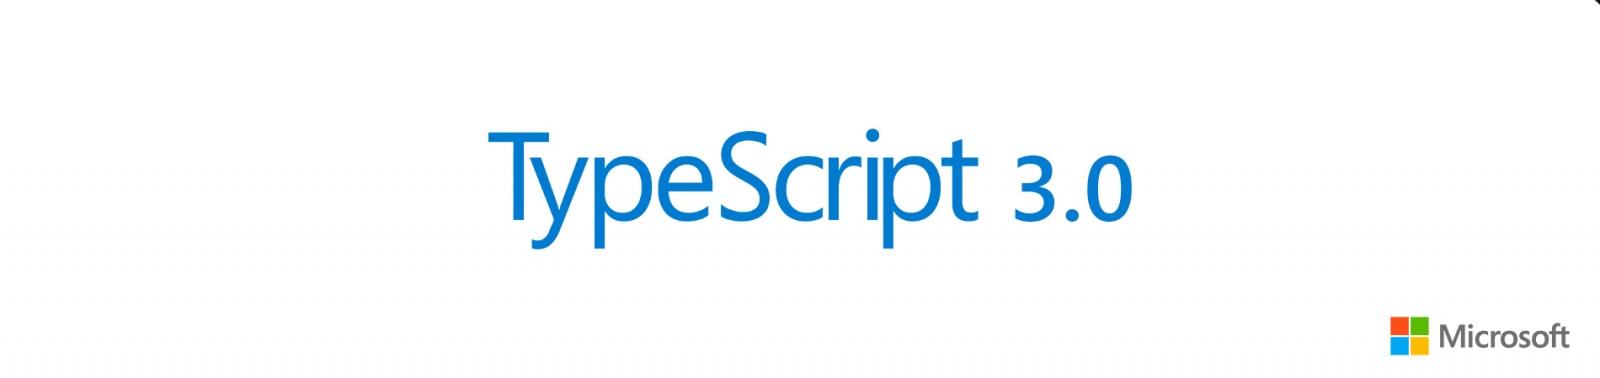 TypeScript 3.0 - 1